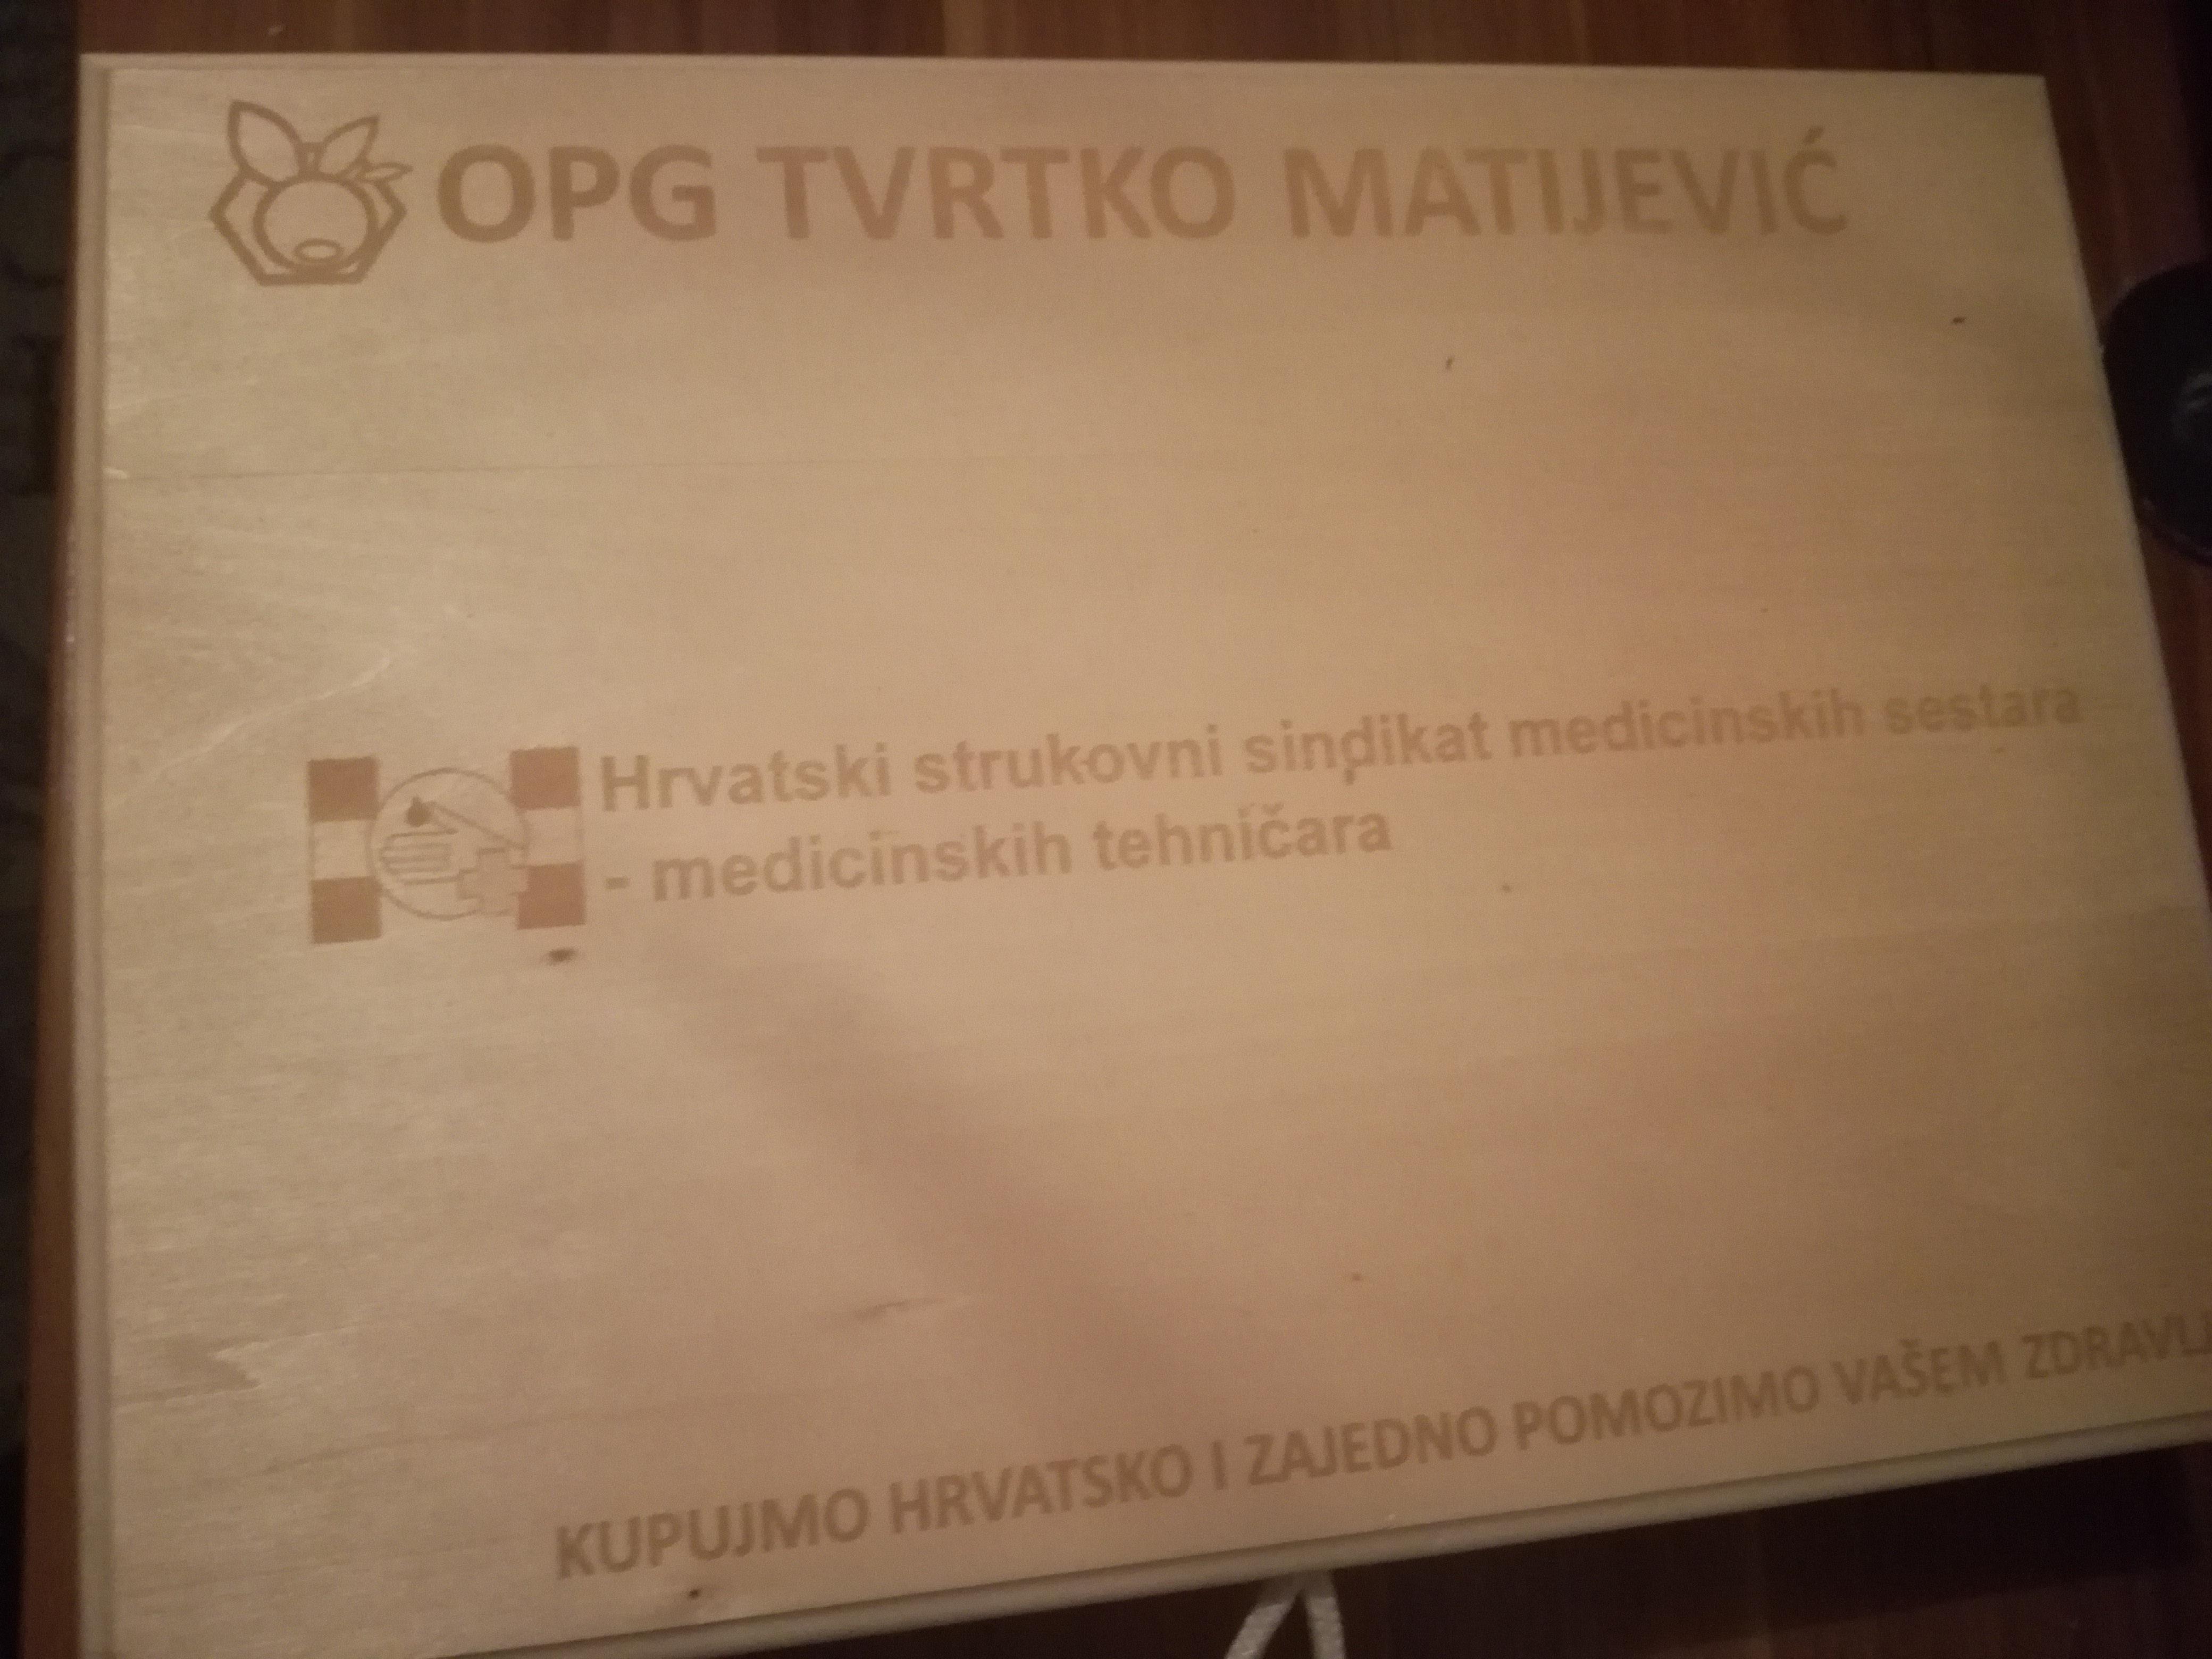 Opg Tvrtko Matijević nudi popust za članove